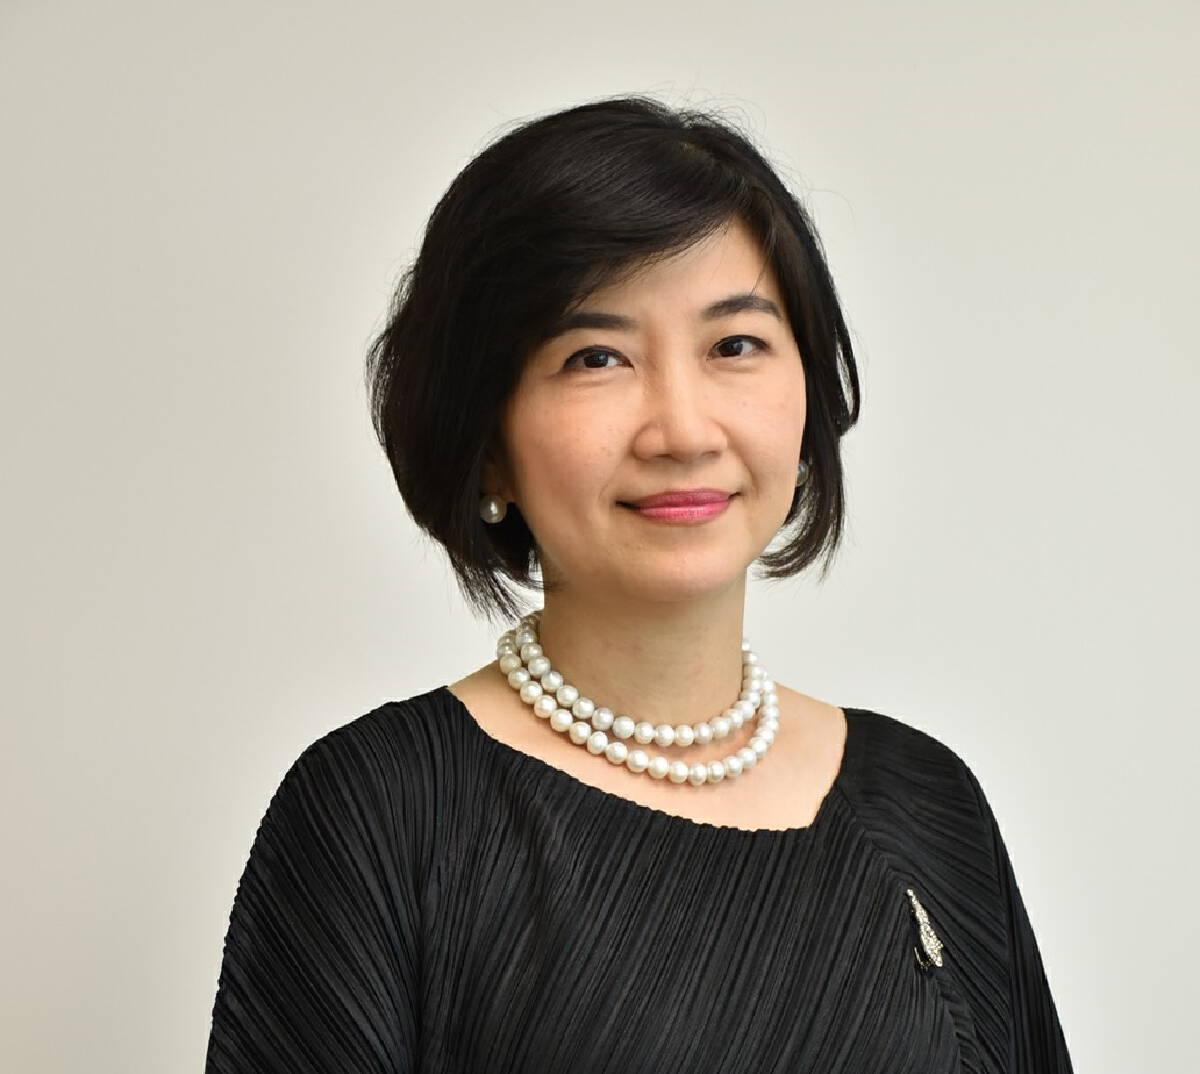 นางสาวอริยา ติรณะประกิจ รองกรรมการผู้จัดการ สมาคมตลาดตราสารหนี้ไทย